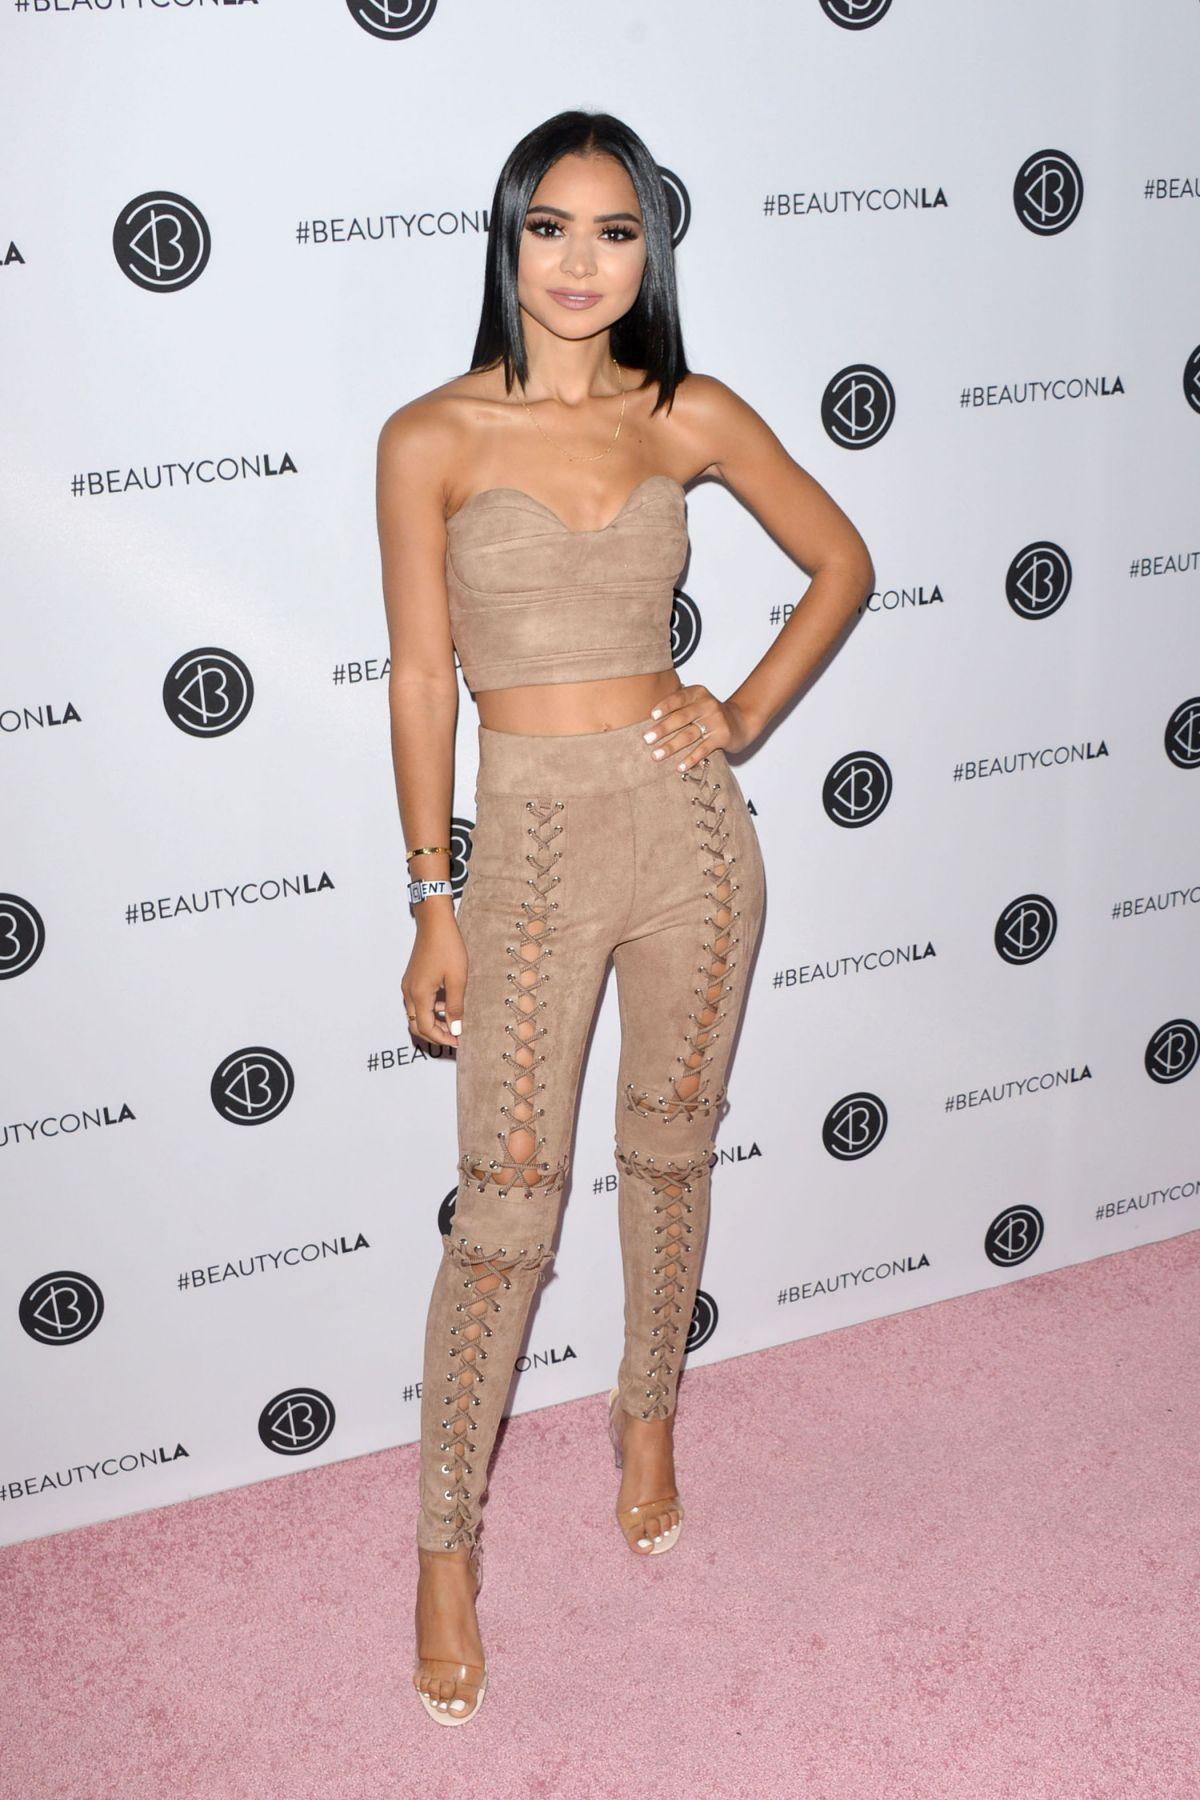 DIANA SALDANA at Beautycon LA at LA Convention Center in Los Angeles 08/13/2017